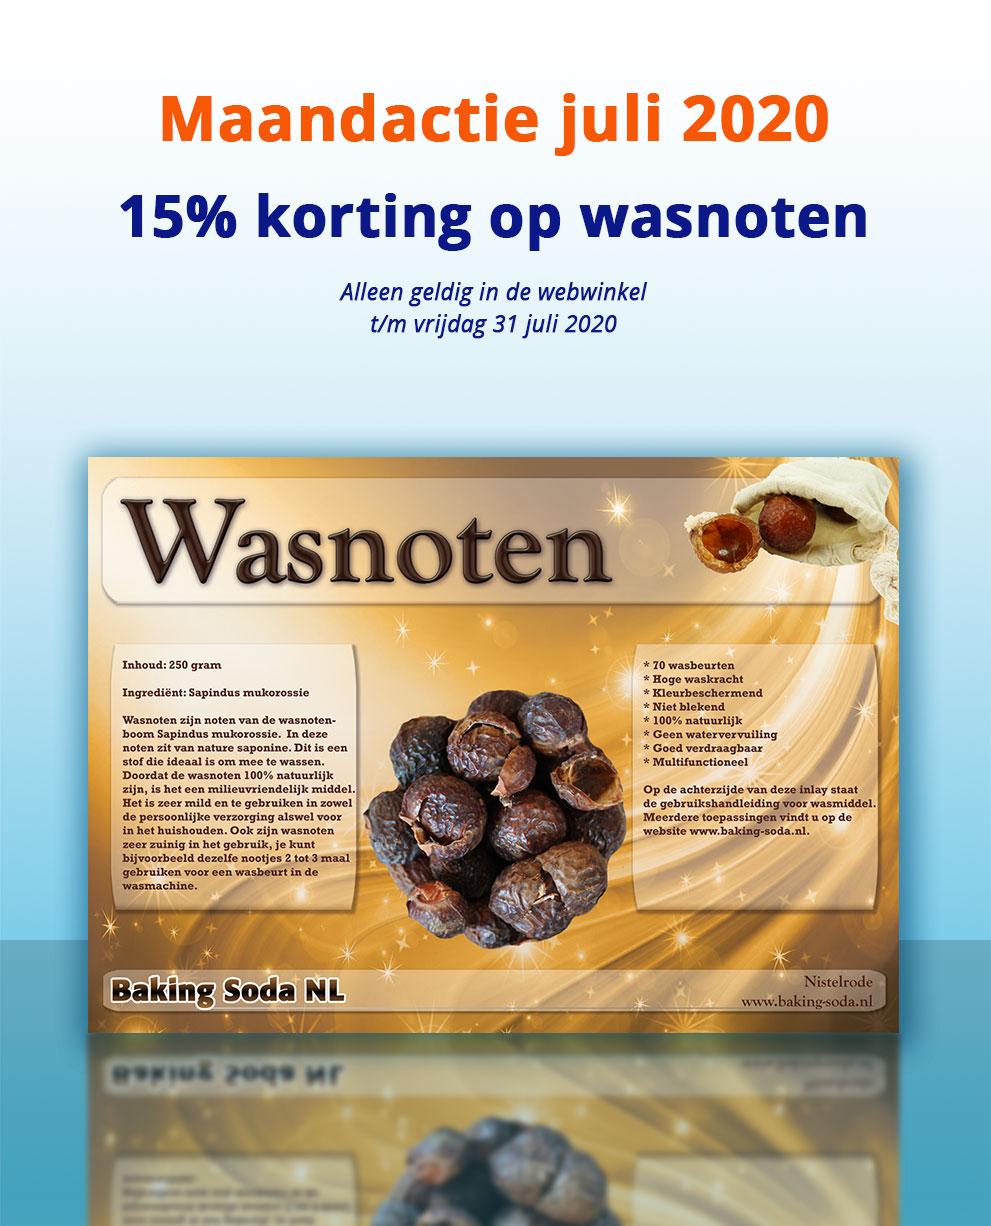 Maandactie-juli2020-wasnoten-bakingsoda-nl